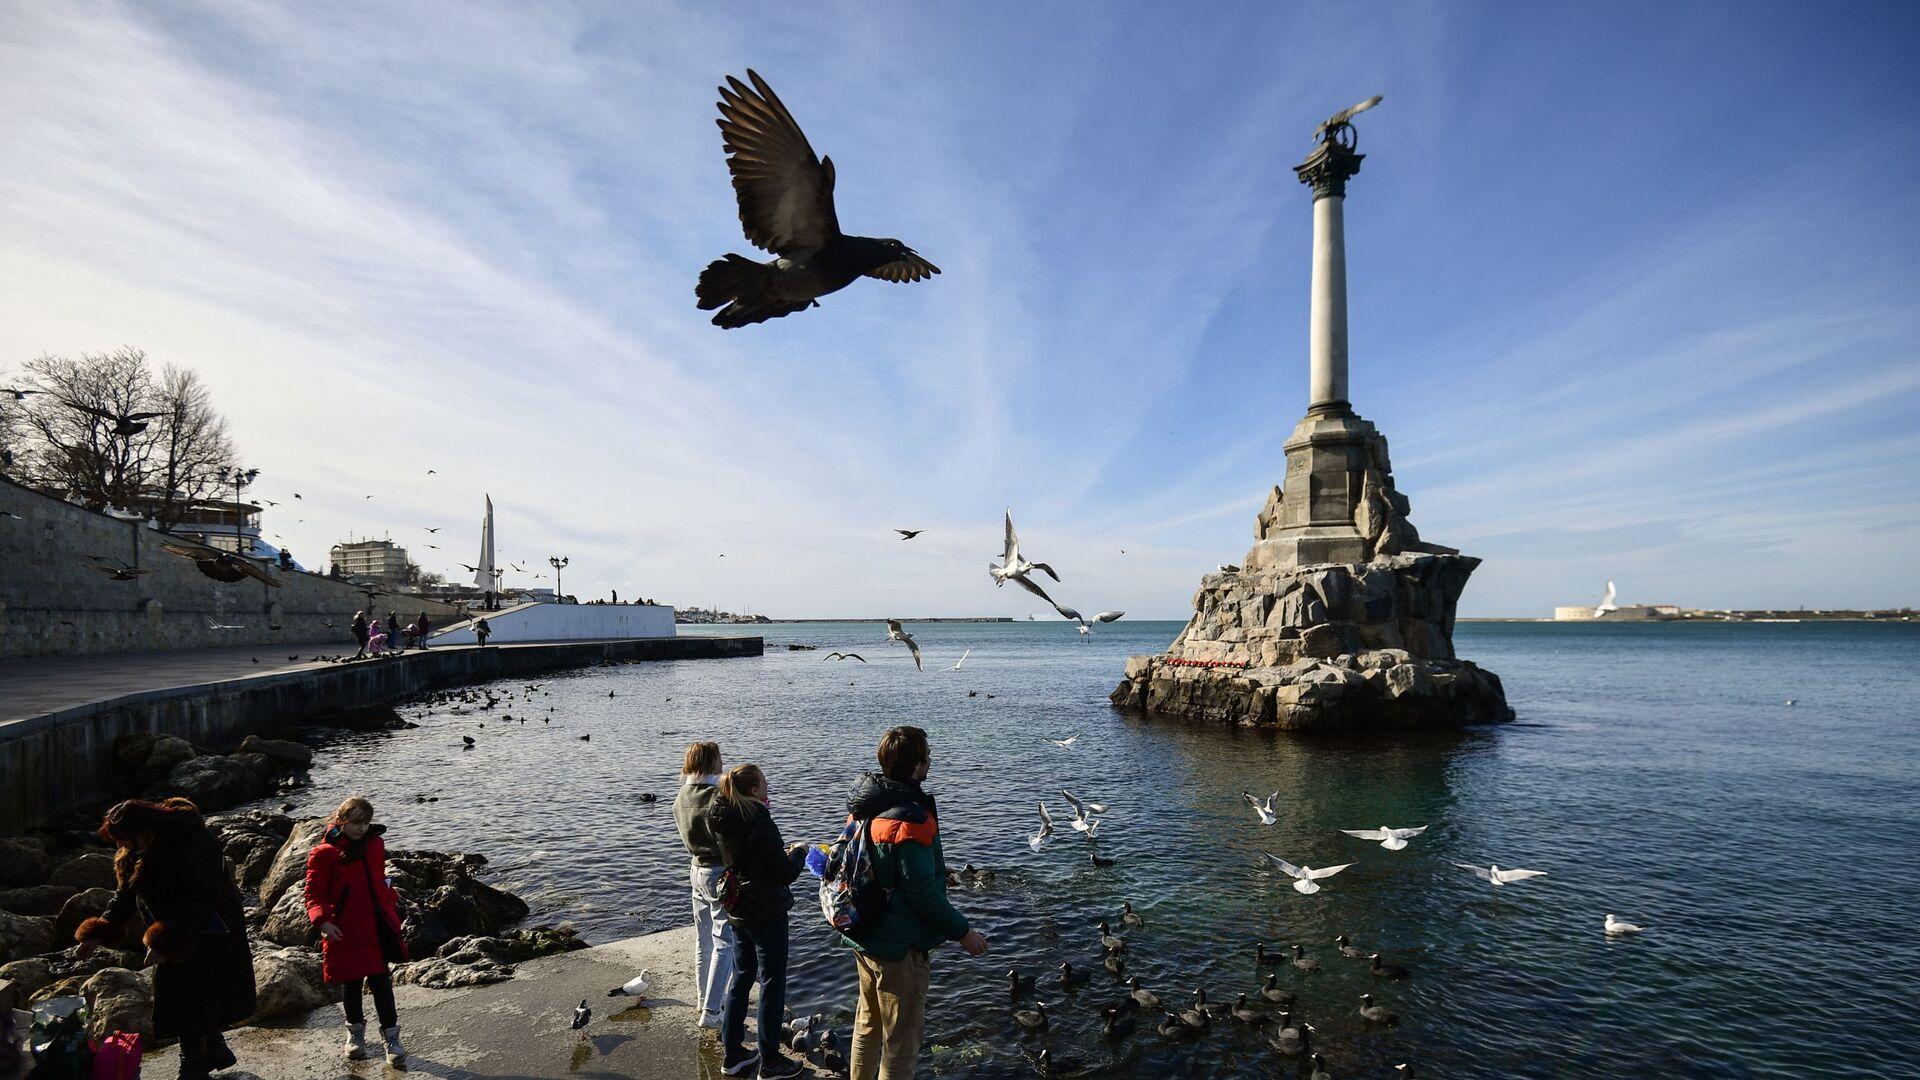 Споменик потопљеним бродовима на обали Севастопоља на Криму - Sputnik Србија, 1920, 09.08.2021